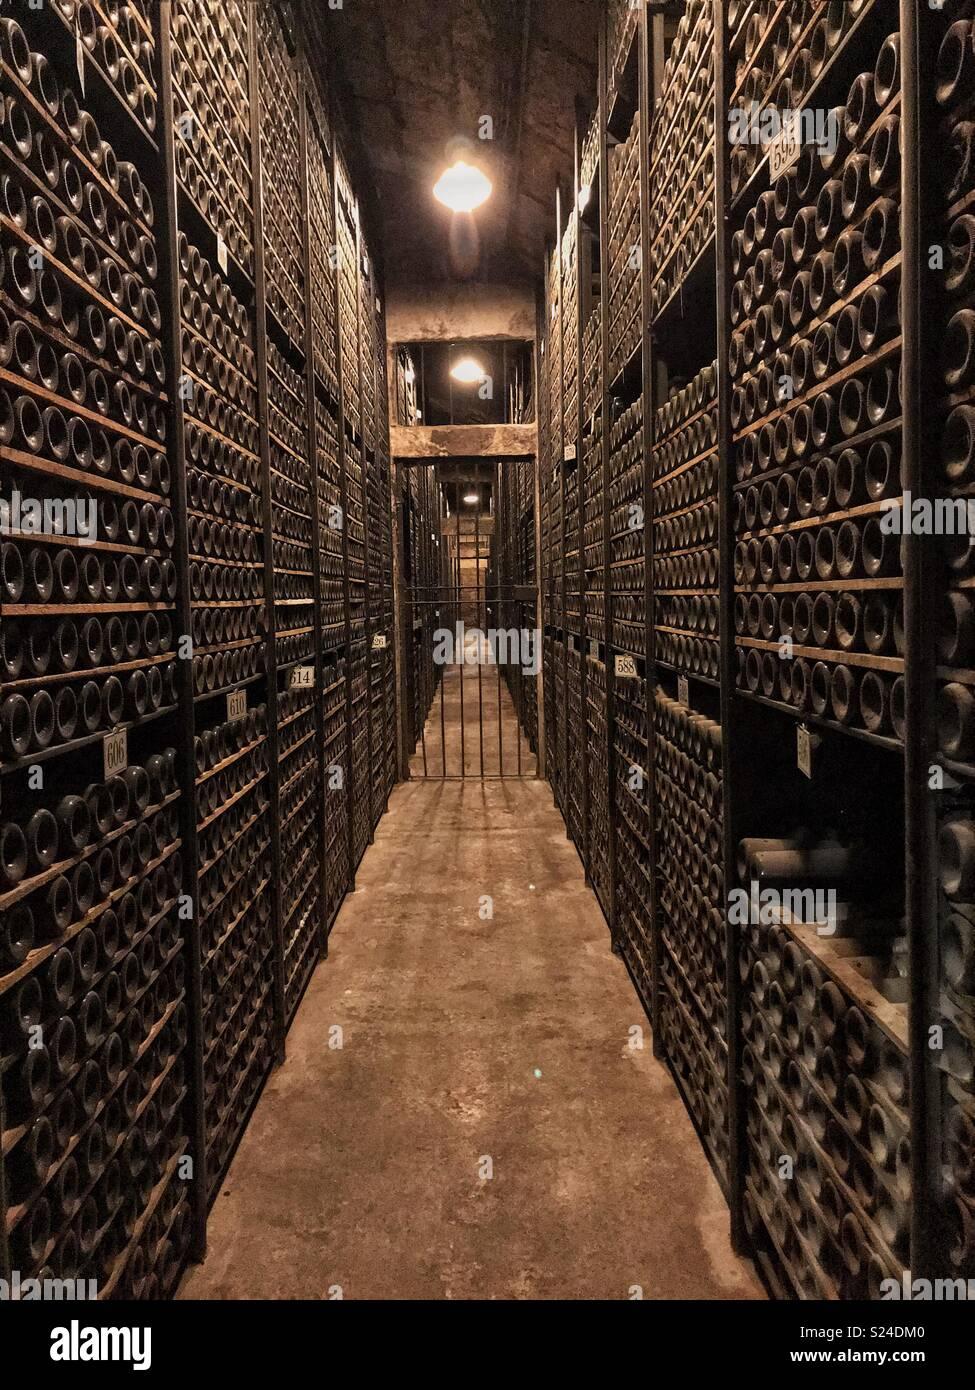 Las Bodegas de La Rioja Immagini Stock